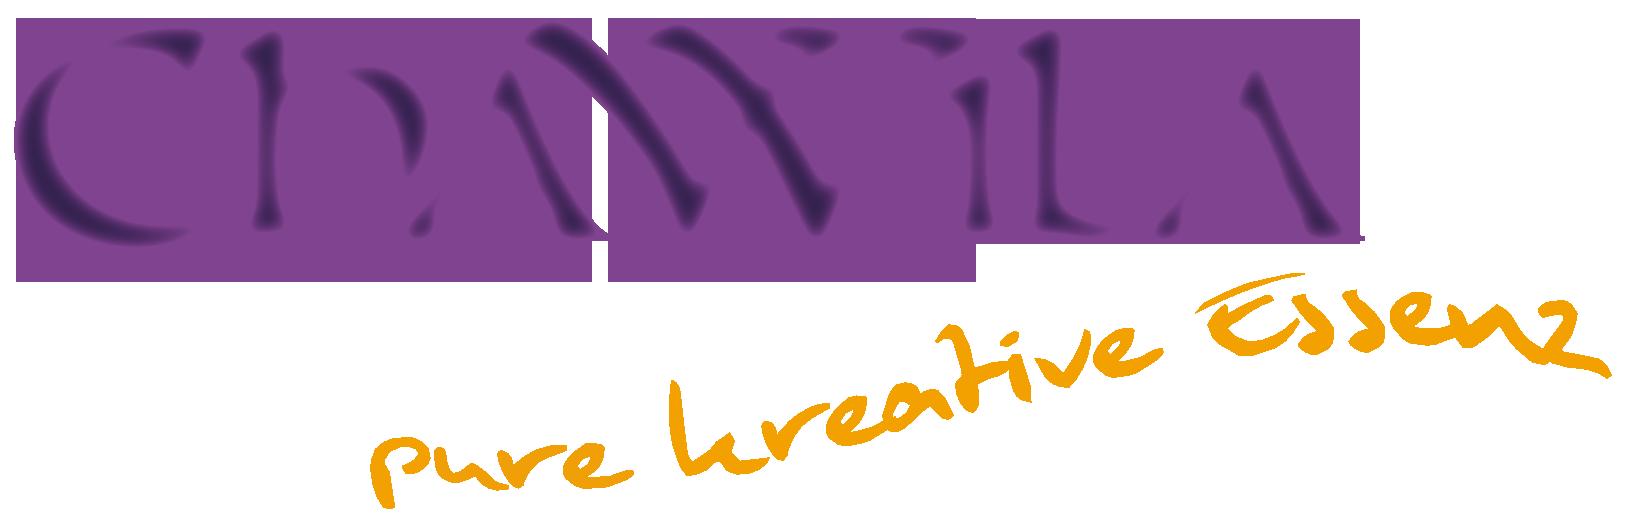 ChaWila  | pure kreative essenz